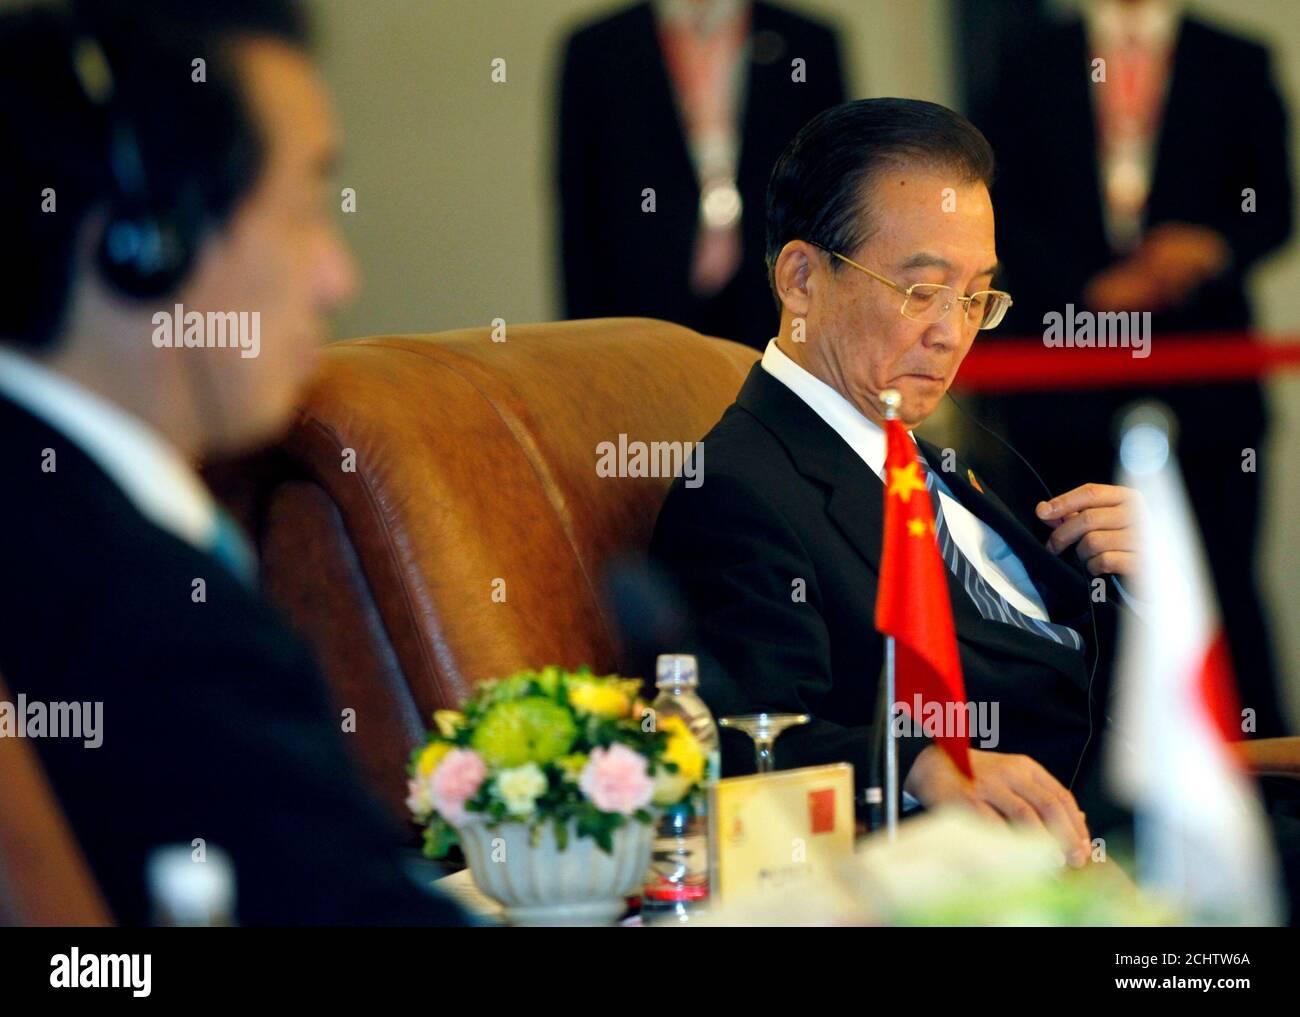 Le Premier ministre chinois Wen Jiabao (R) ajuste ses écouteurs alors que le Premier ministre japonais Naoto Kan se trouve à côté de lui lors du 13ème Sommet ASEAN plus trois, en marge du 17ème Sommet de l'ANASE à Hanoï le 29 octobre 2010. Les liens entre la Chine et le Japon se sont détériorés le mois dernier après la détention d'un capitaine de bateau de pêche chinois par la garde côtière japonaise après la collision de leurs bateaux près d'îles contestées en mer de Chine orientale. REUTERS/Damir Sagolj (VIETNAM - Tags: POLITIQUE) Banque D'Images